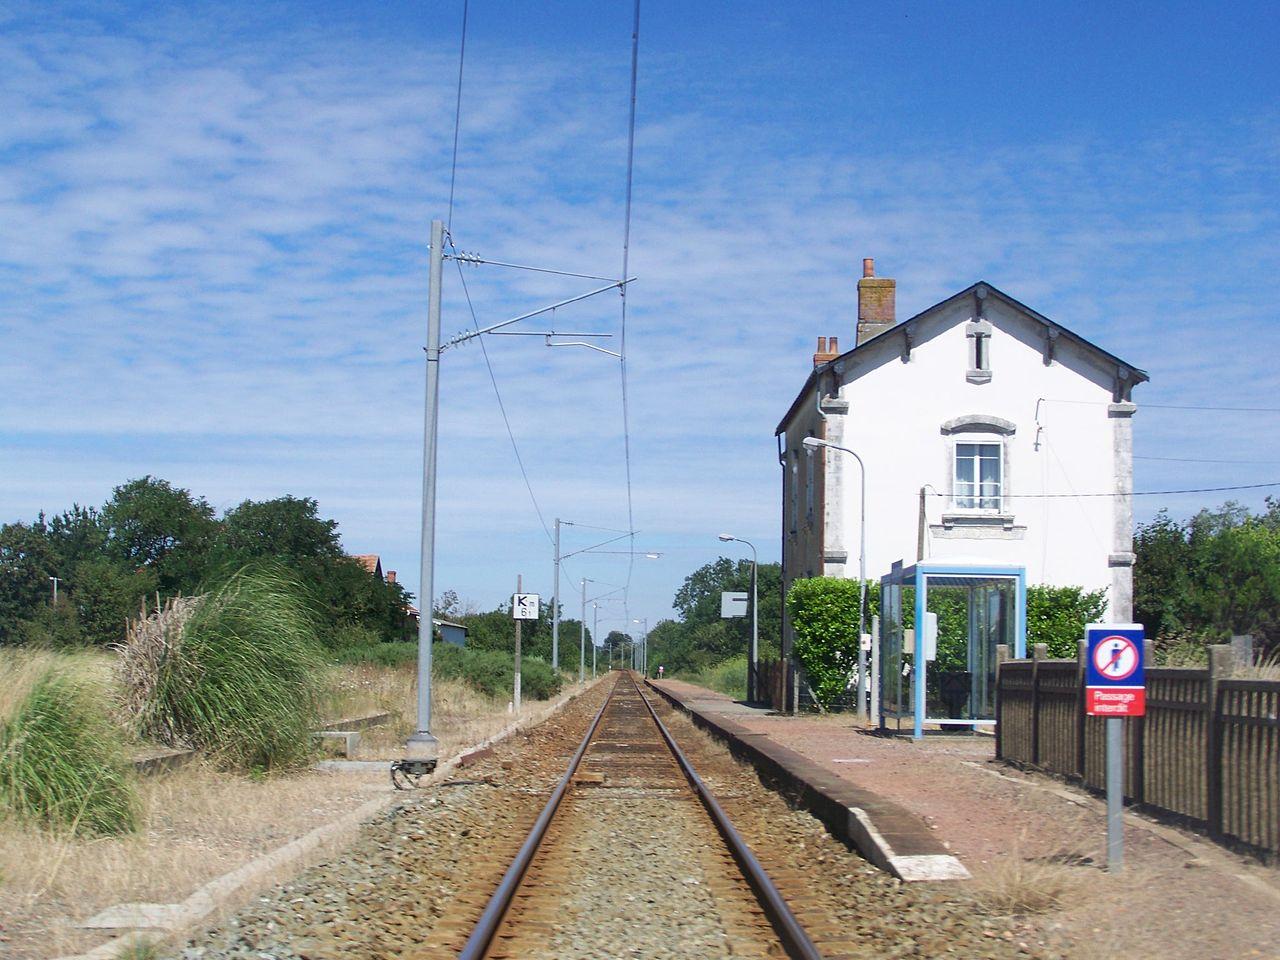 Olonne-sur-Mer-train-station